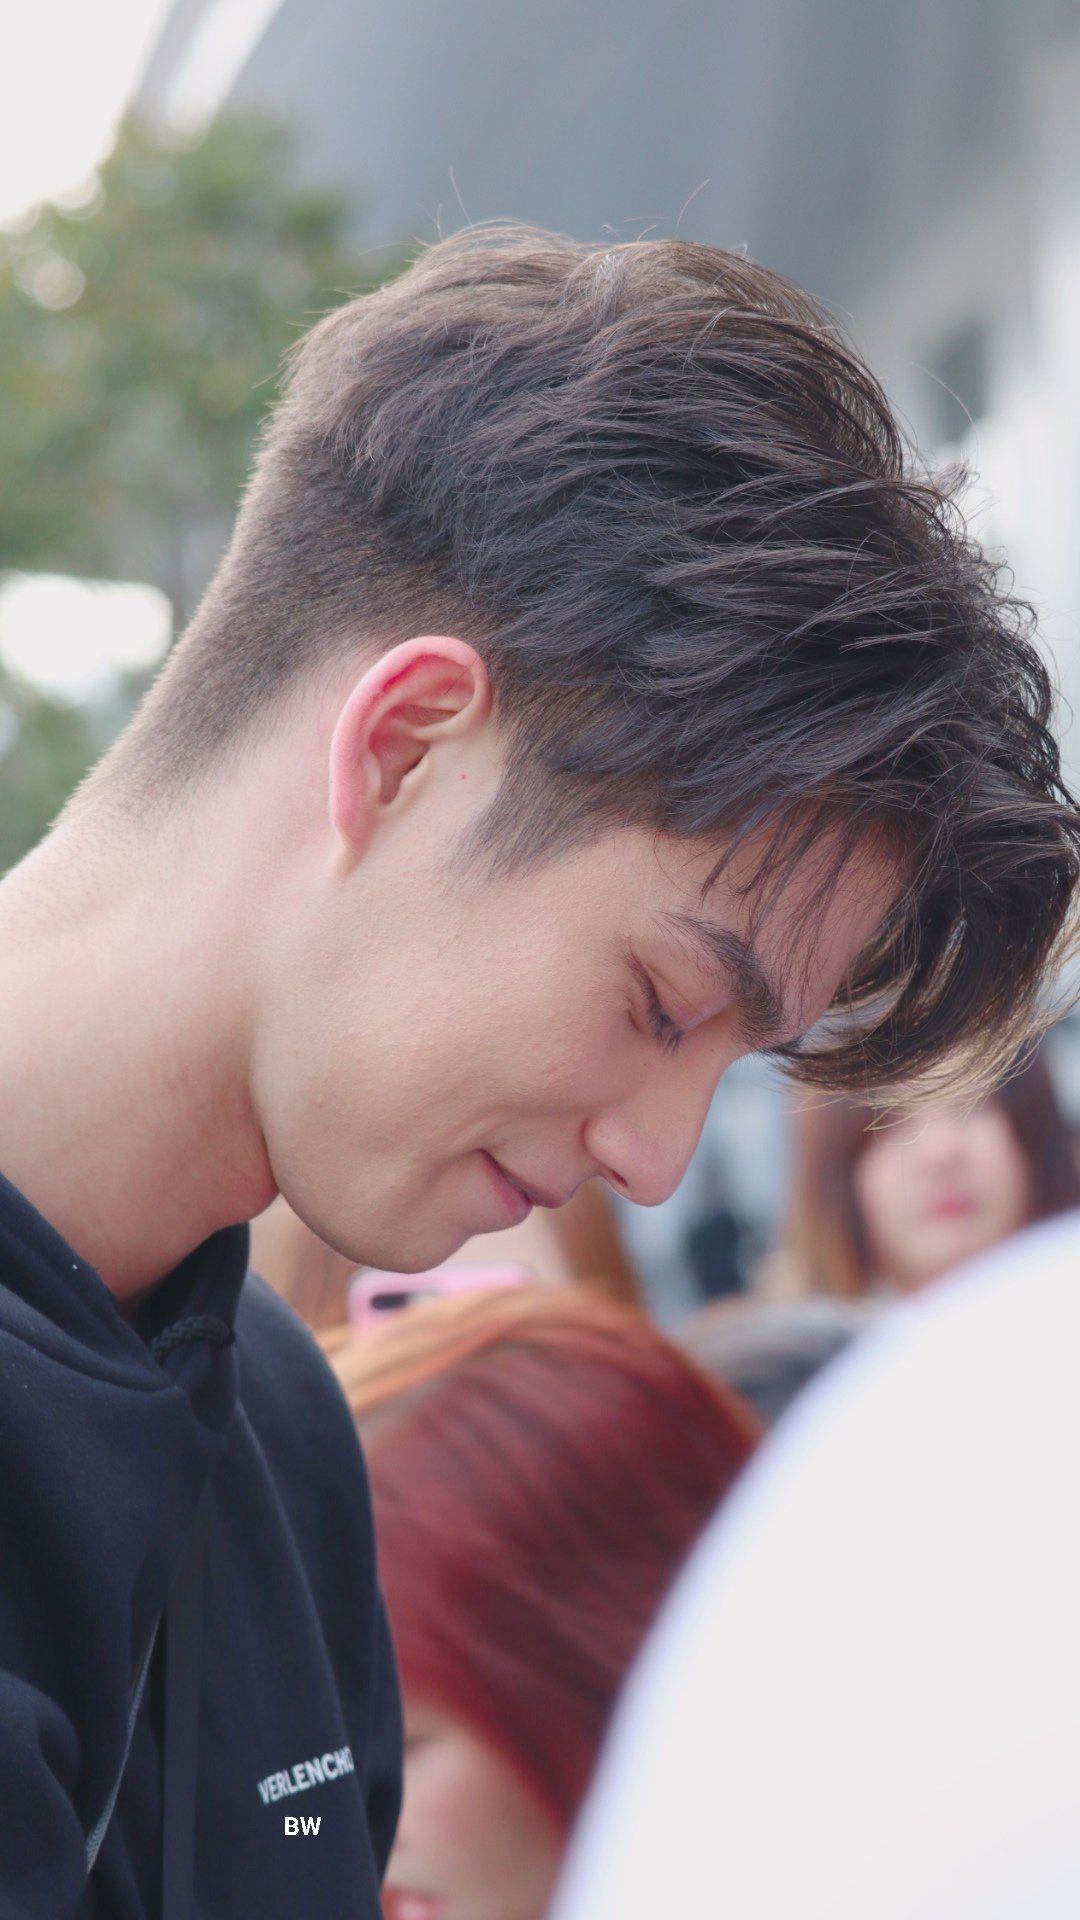 Pin Oleh Nathalia Lopes Di Thai Actor Gaya Rambut Pria Undercut Potongan Rambut Pria Gaya Rambut Pria